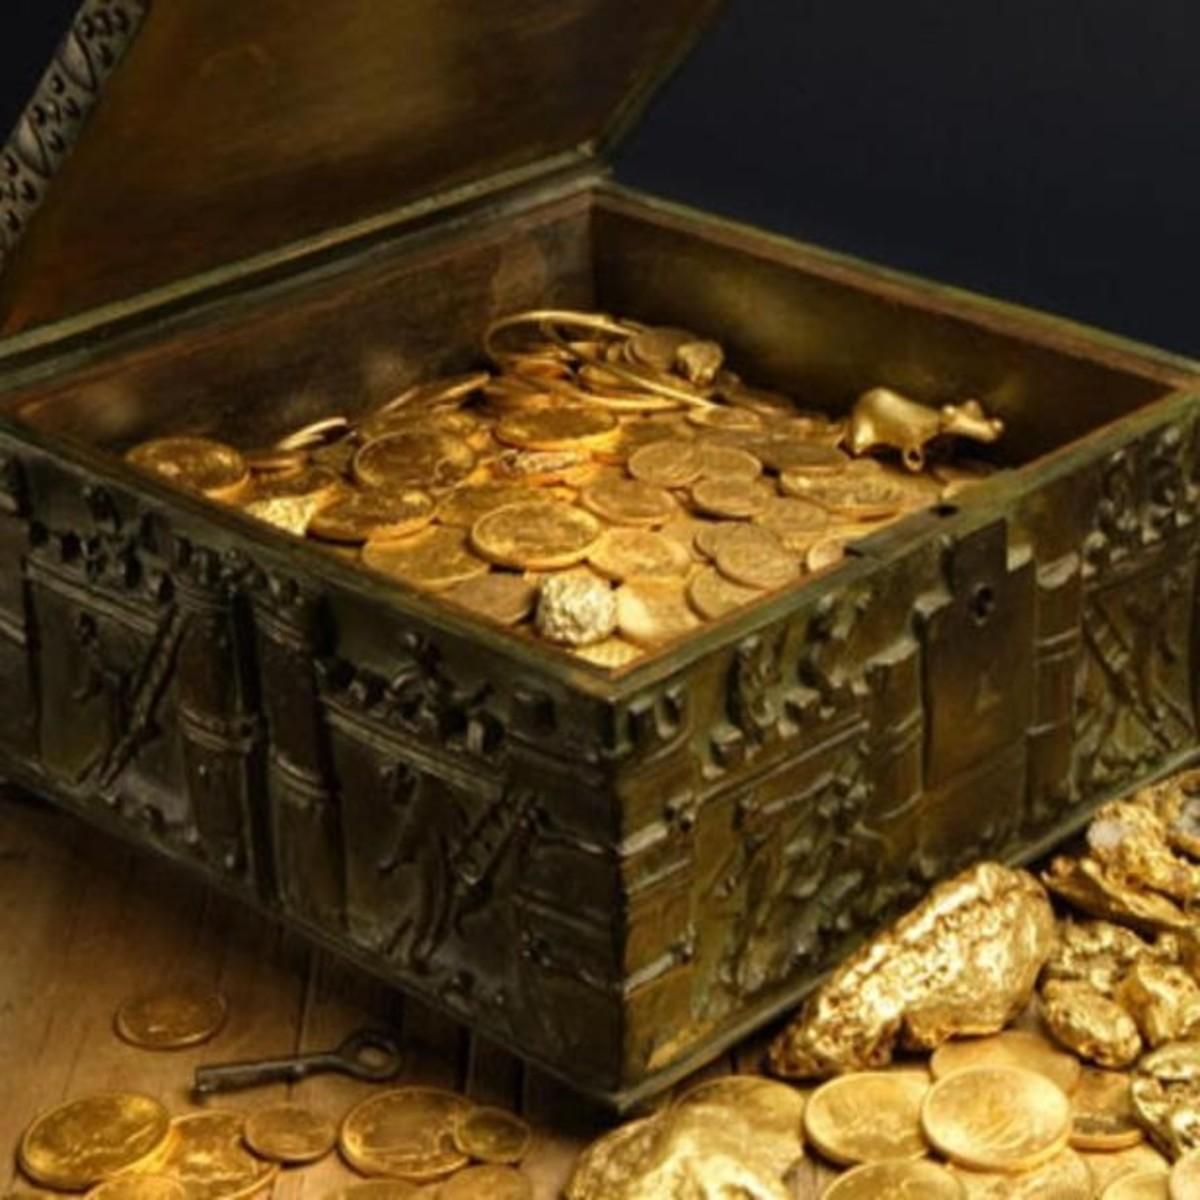 Forrest Fenn's Treasure Hunt